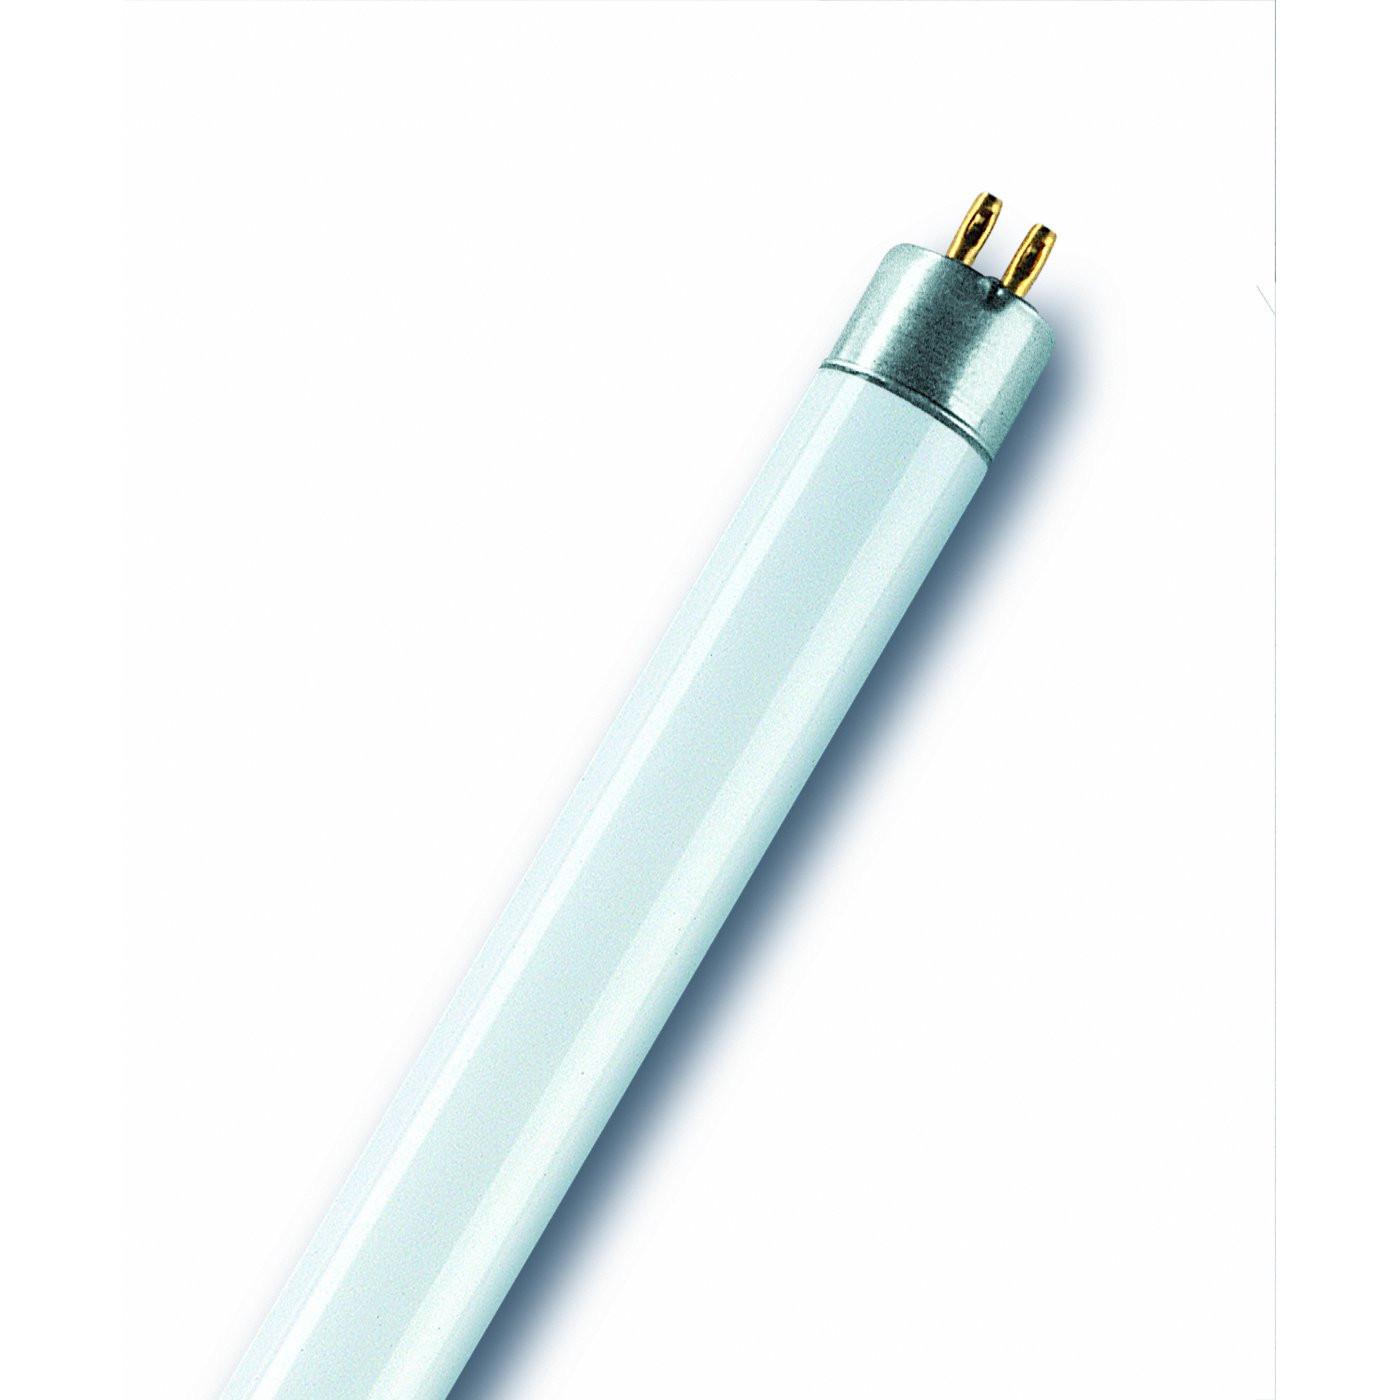 Osram Leuchtstofflampe Röhrenform T16 28W/827 G5 HE hohe Lichtausbeute warmweiß extra